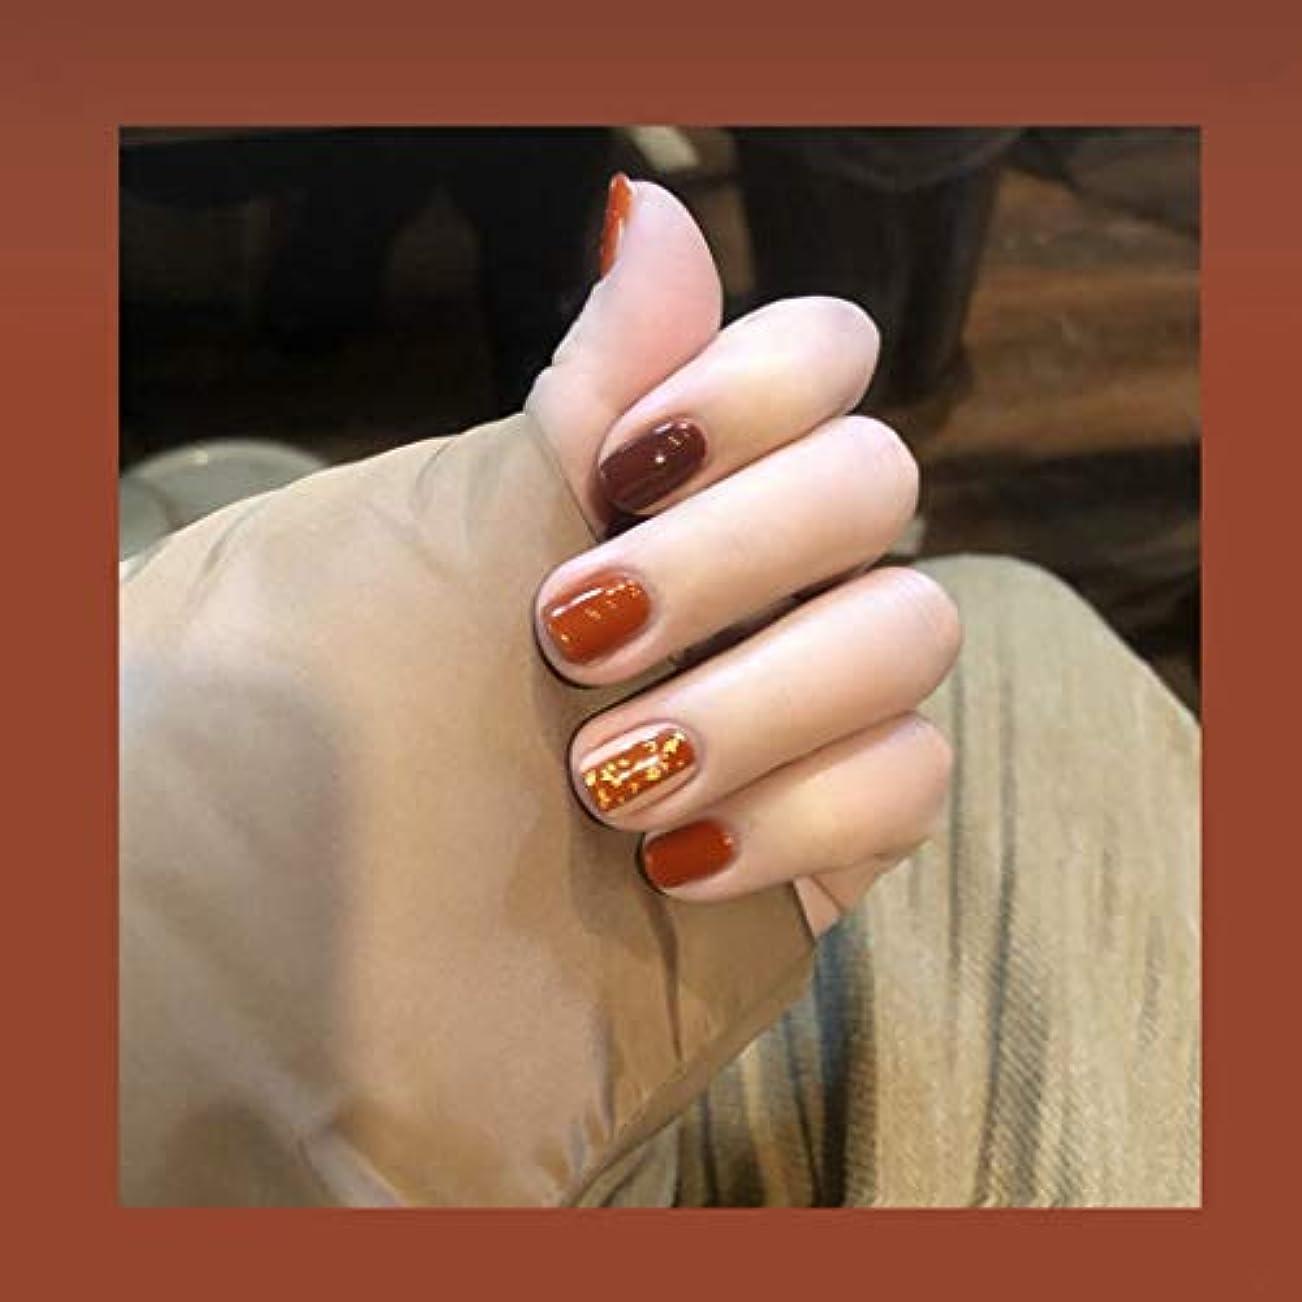 祭り動力学遠足可愛い優雅ネイル 女性気質 手作りネイルチップ 24枚入 簡単に爪を取り除くことができます フレンチネイルチップ 二次会ネイルチップ 結婚式ネイルチップ (キャラメル色)